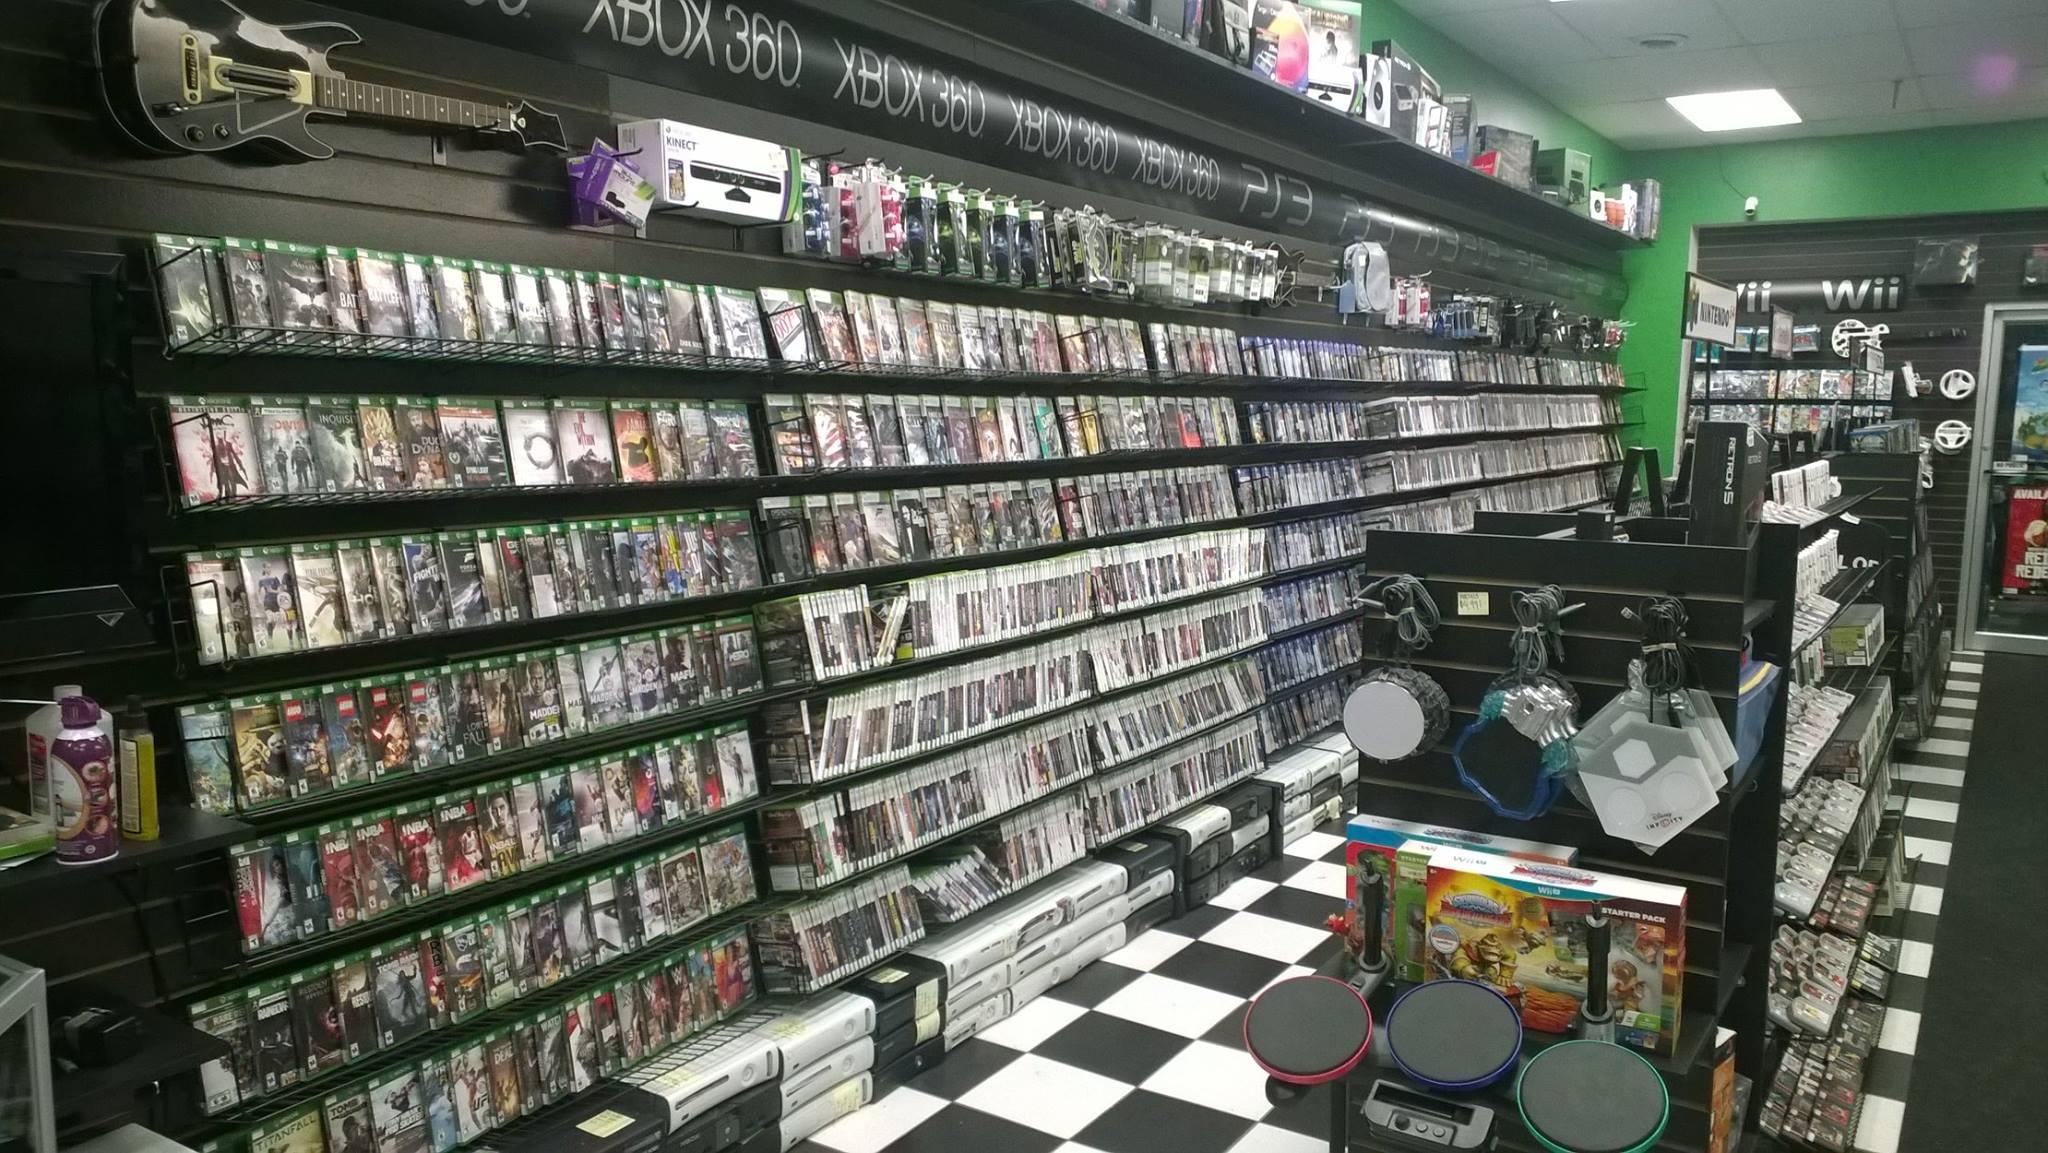 Warpzone Video Games Store Interior